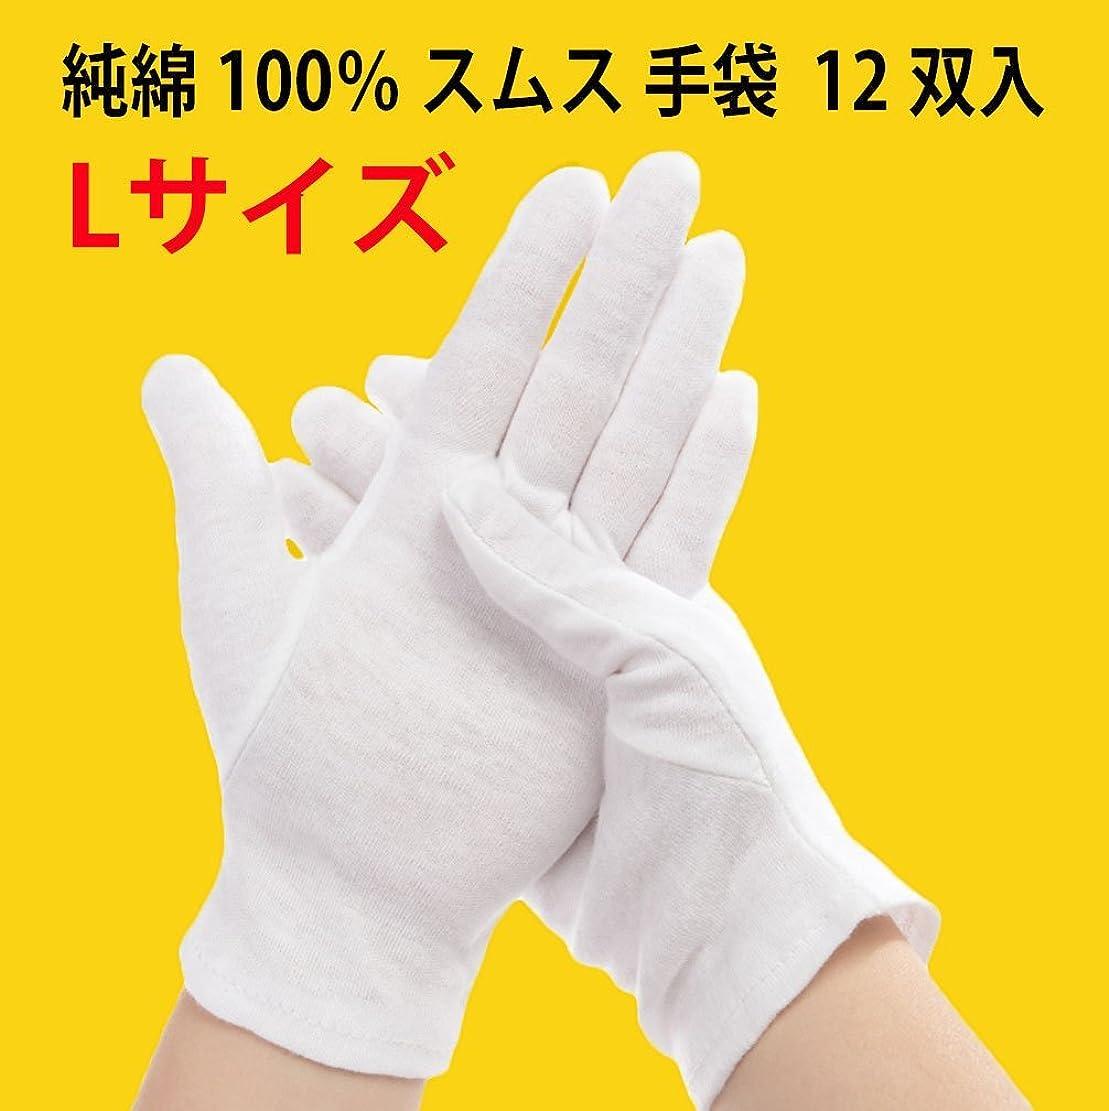 豊かにするとんでもないチョコレート純綿100% スムス 手袋 Lサイズ 12双 大人用 多用途 101117